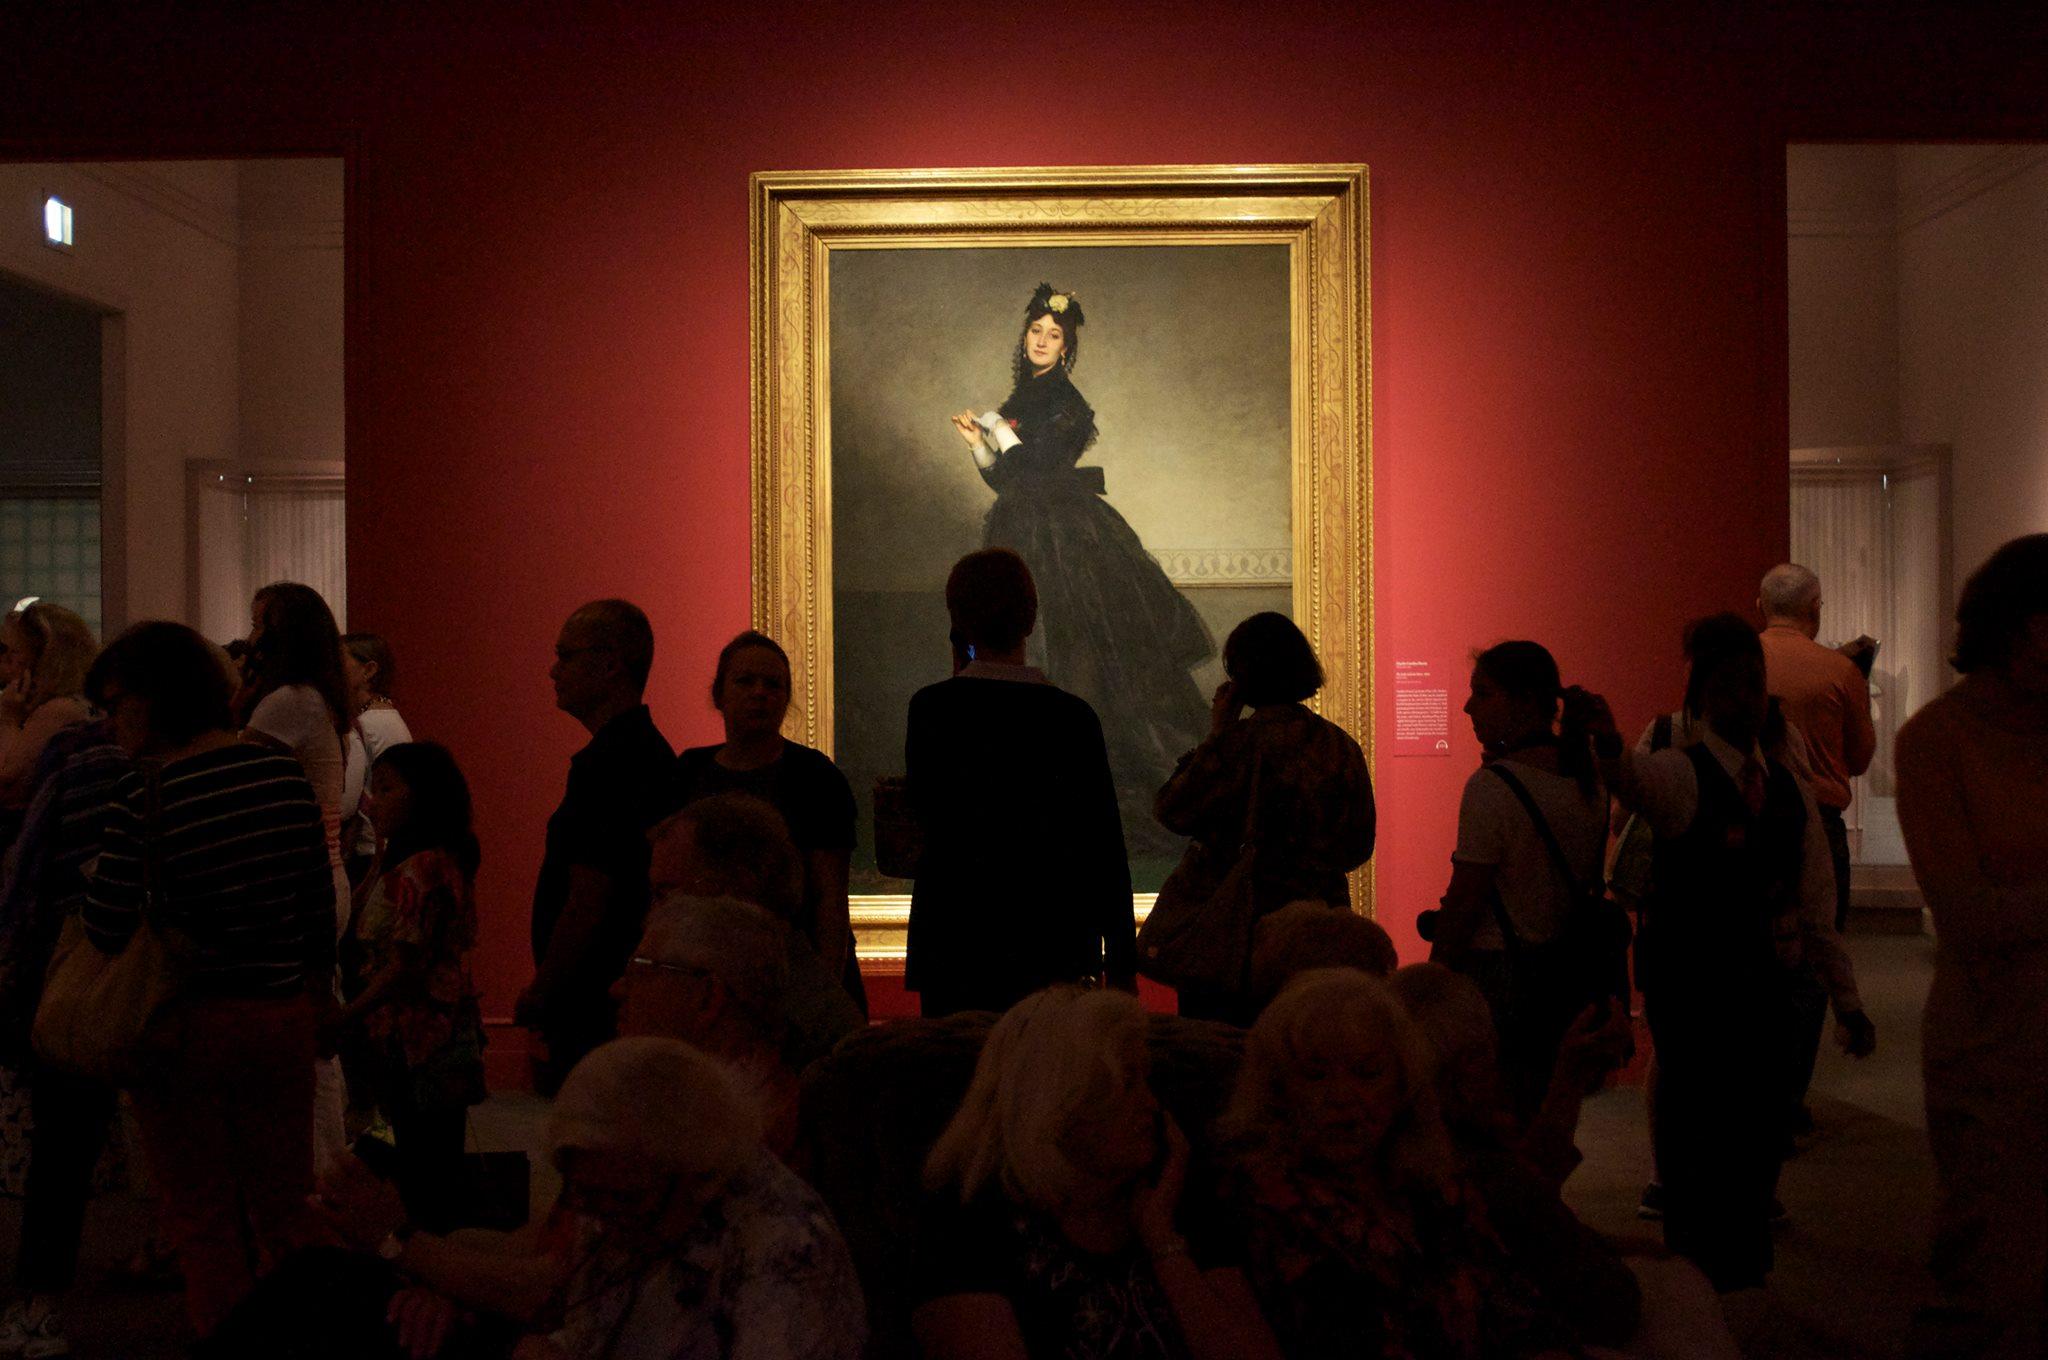 Impressionism-fashion-modernity